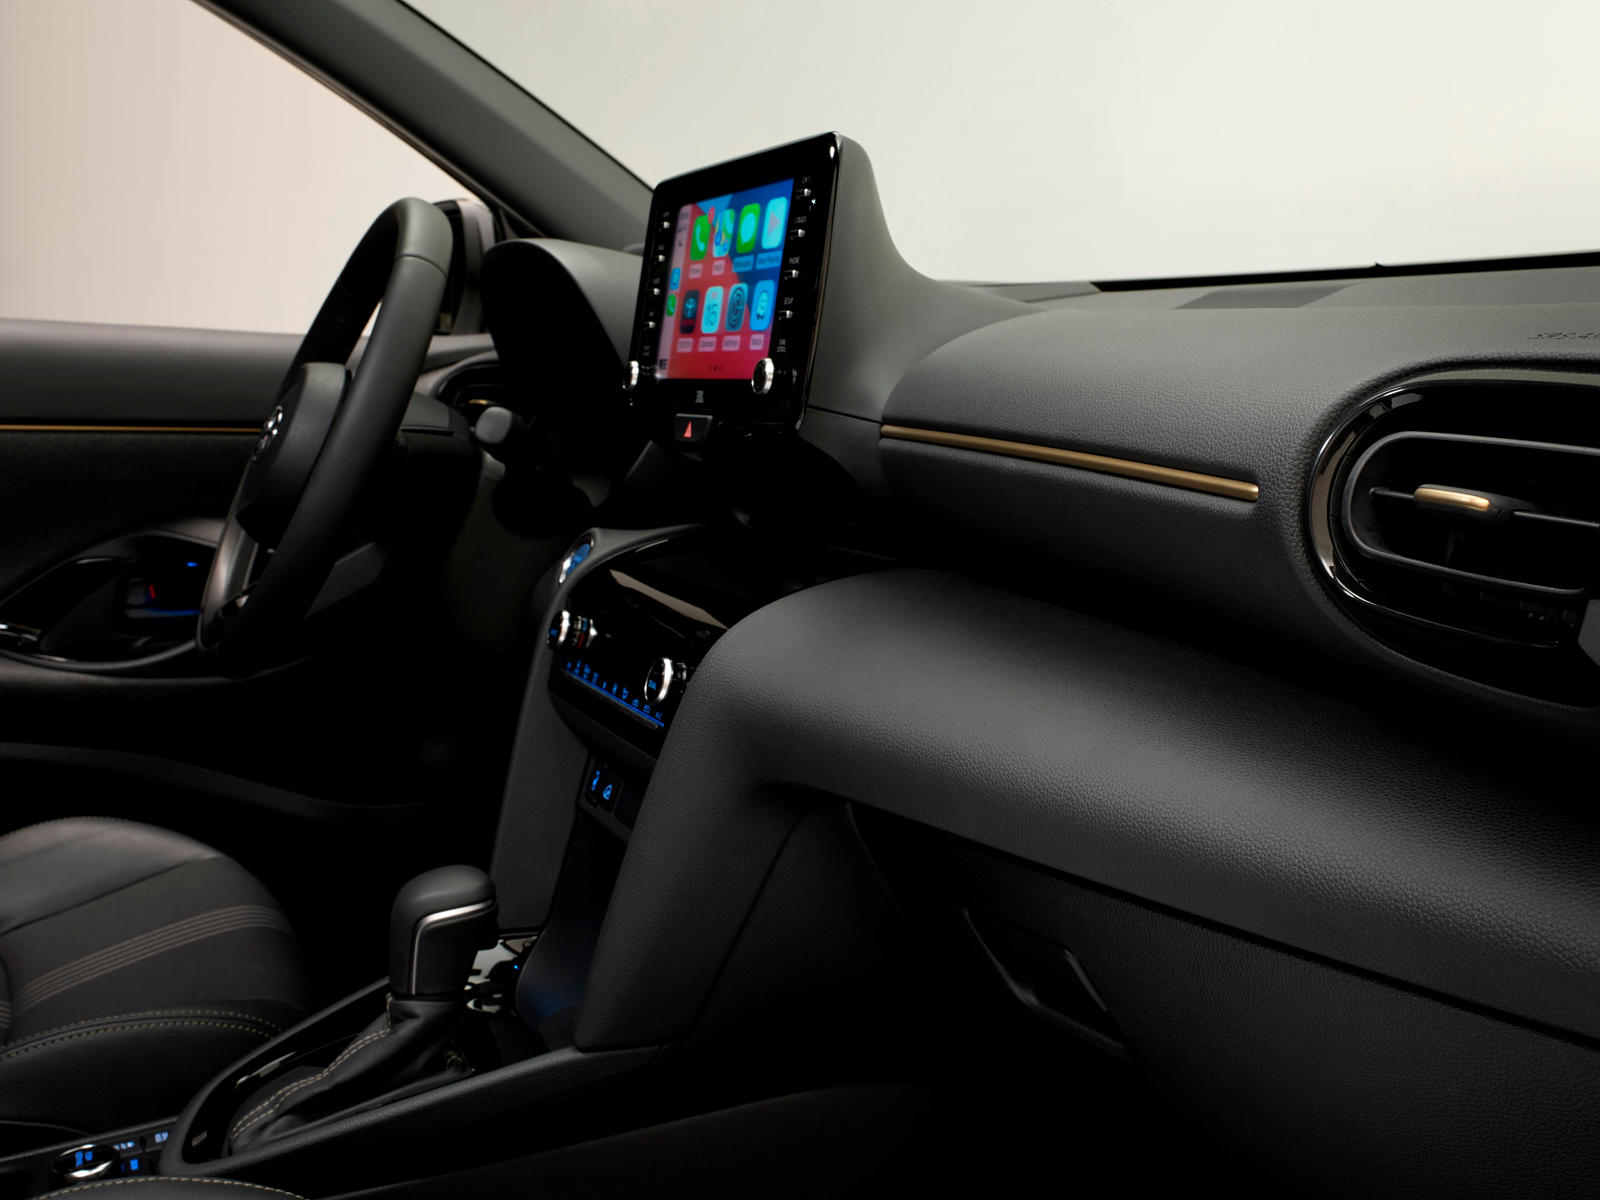 Yaris Cross Adventure отличается от стандартной модели нижними защитными пластинами бампера, серебристыми рейлингами на крыше и 18-дюймовыми темно-серыми колесами.